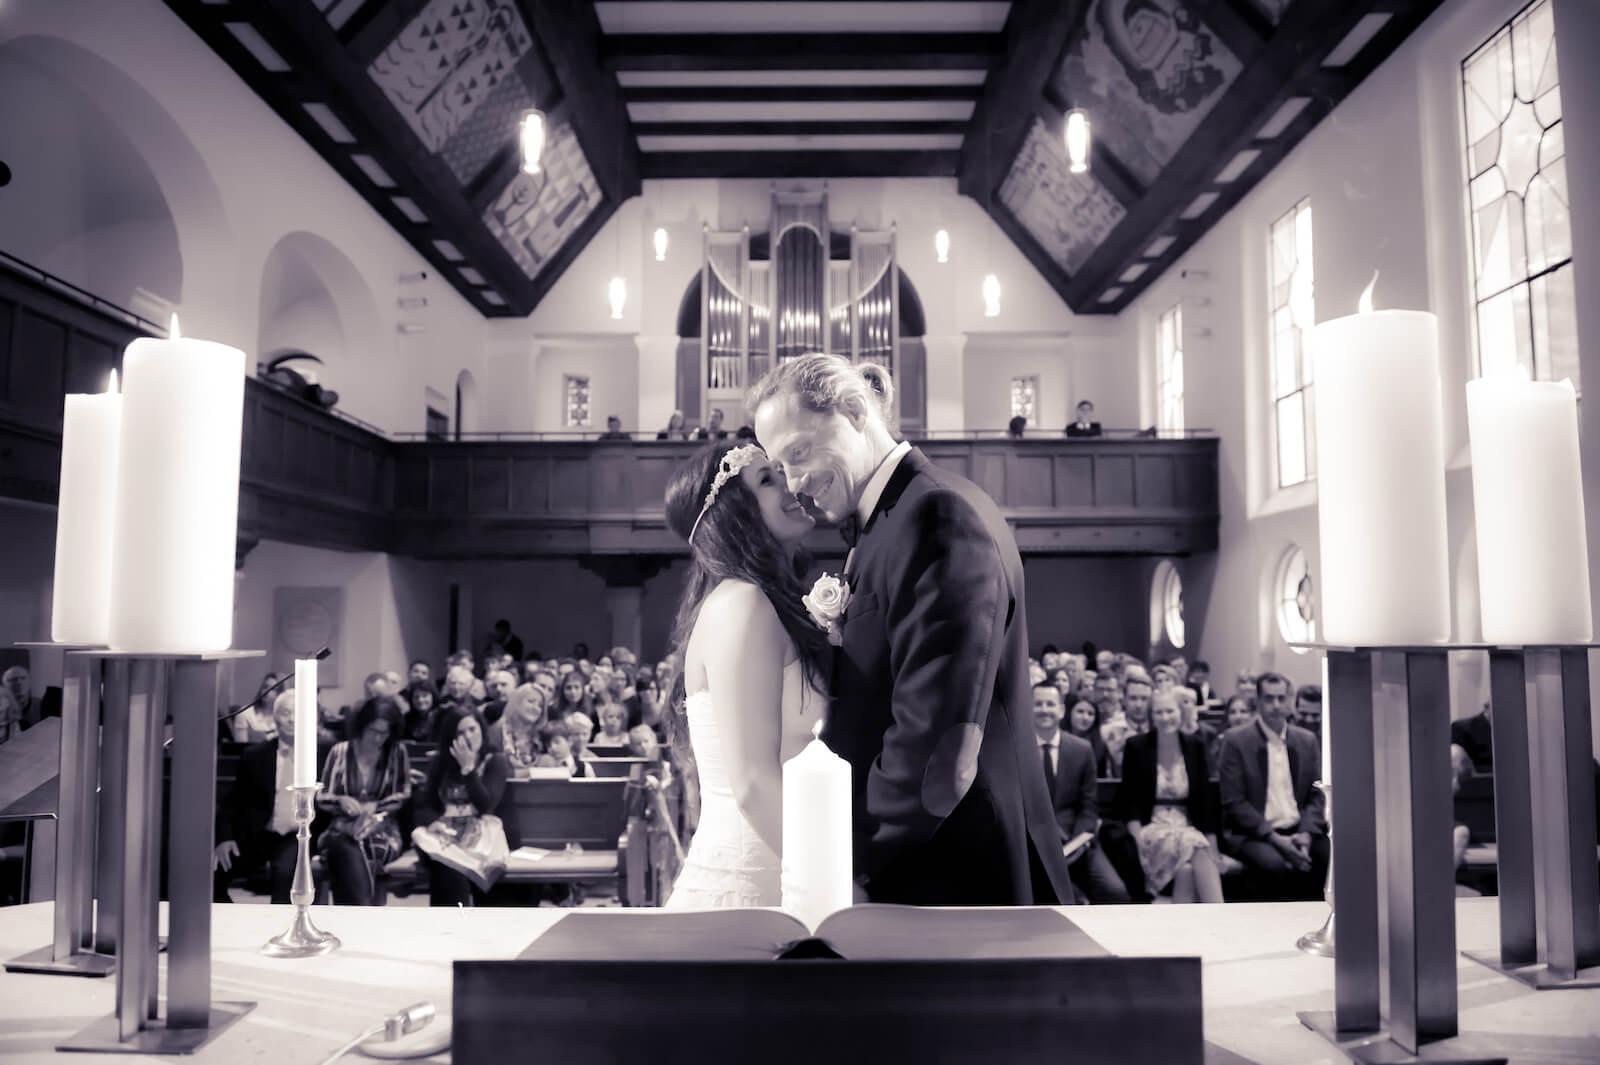 Hochzeit Bohostyle Landsberg - das Brautpaar innig in der Kirche